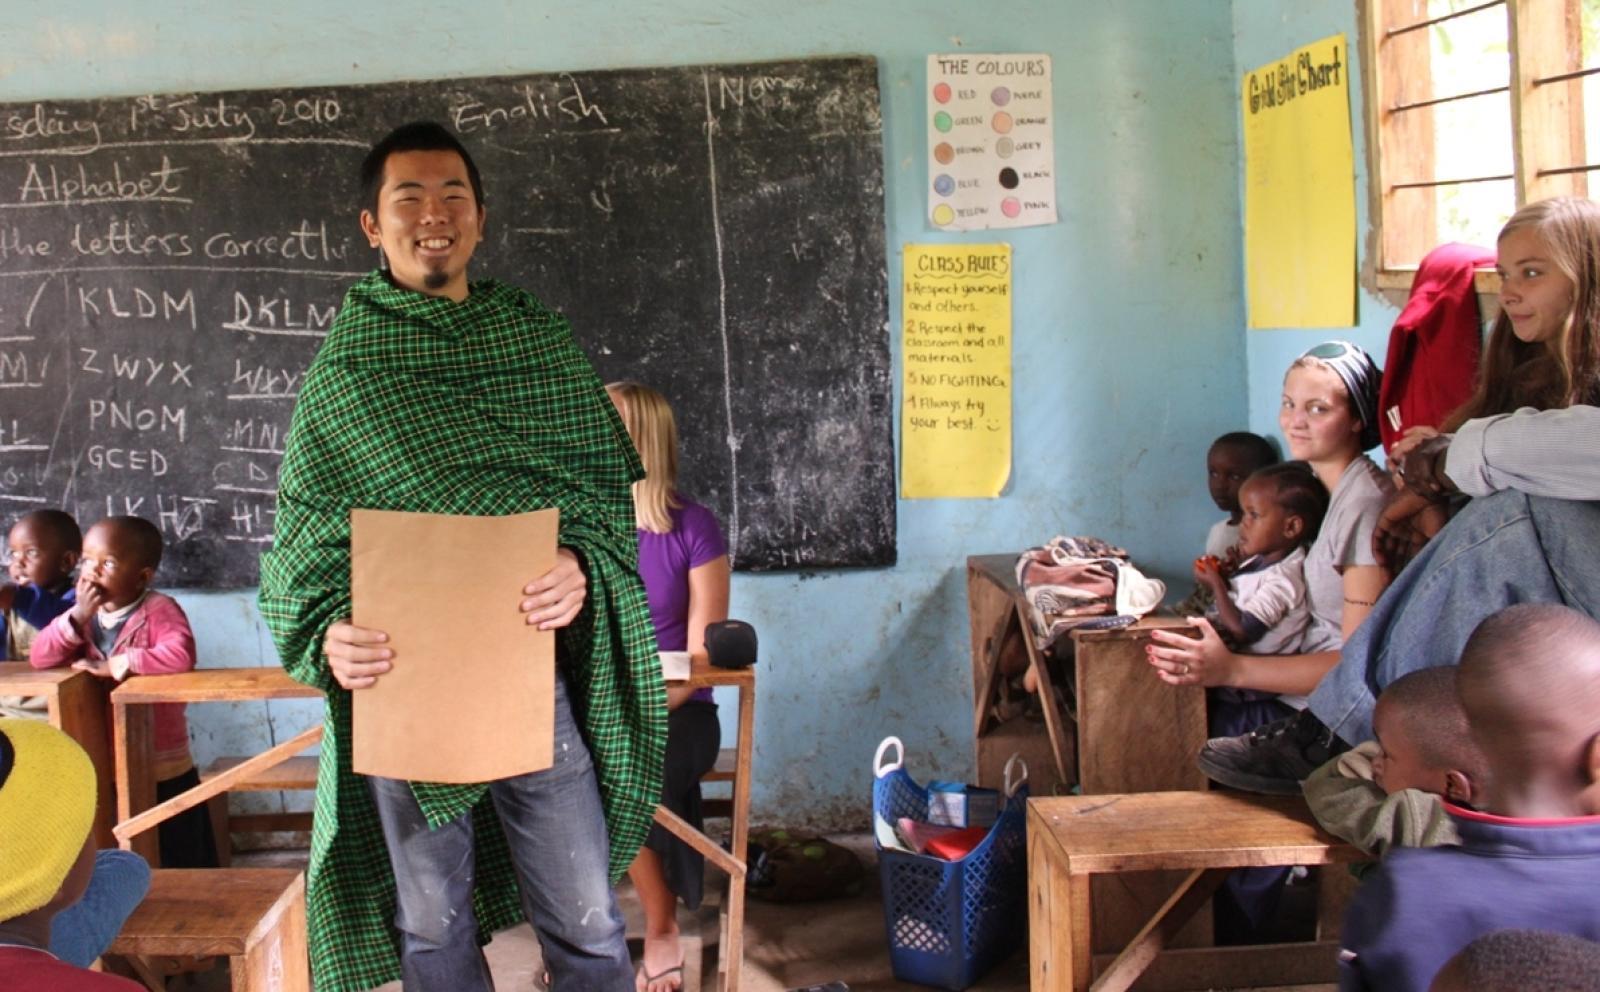 タンザニアの教室で教育活動に努める日本人ボランティア